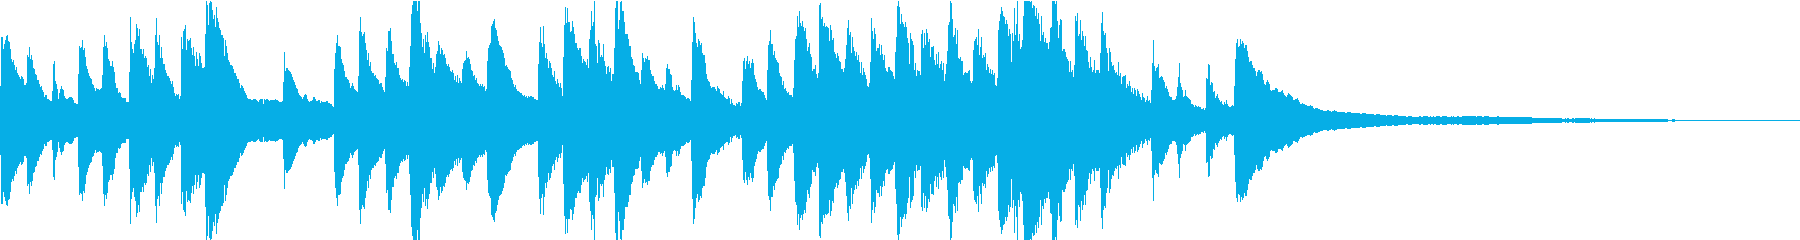 ゲーム・CM向け穏やかなピアノソロの再生済みの波形